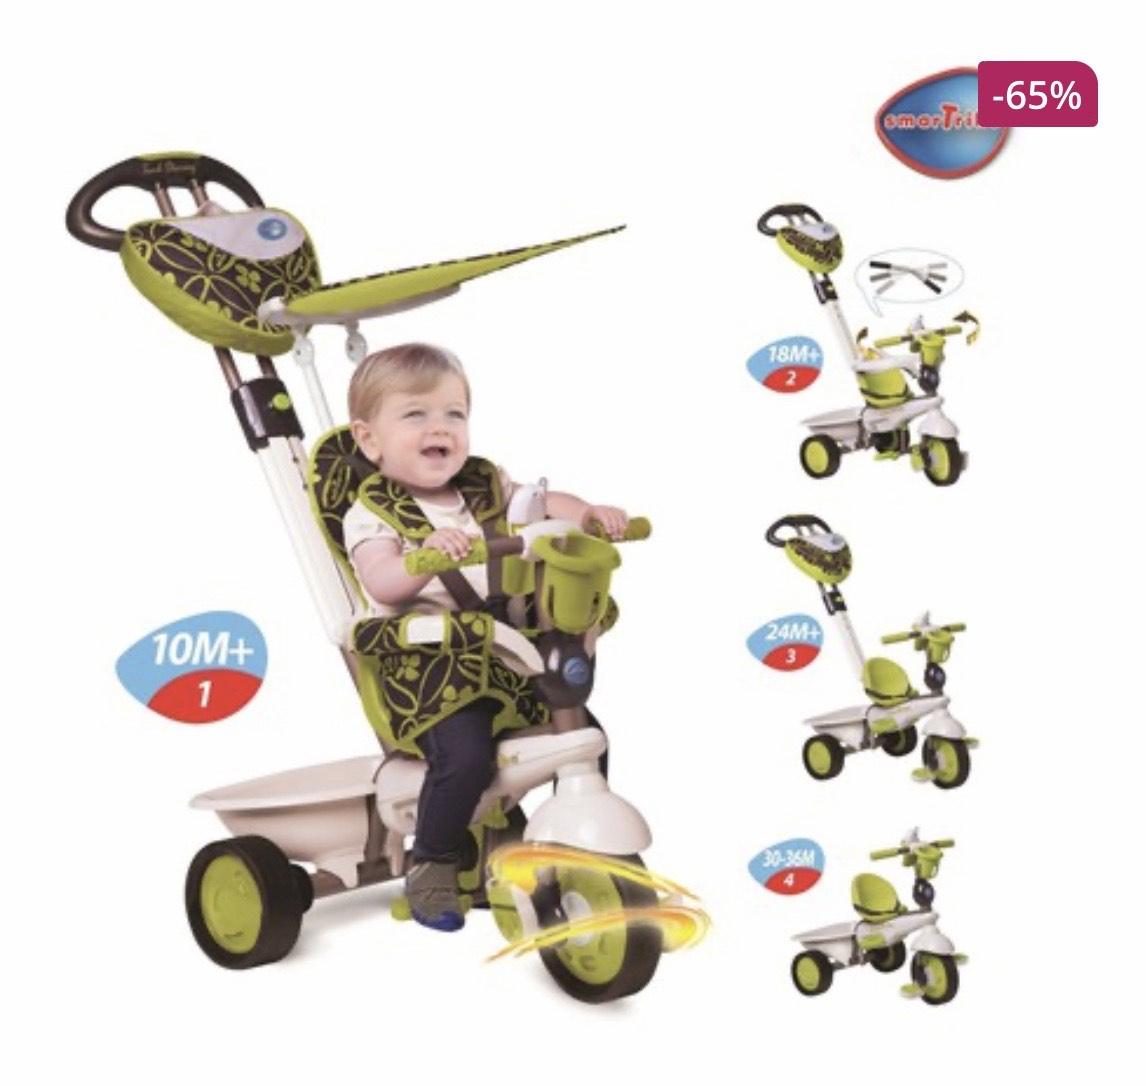 [Windeln.de] 30% auf ausgewählte Artikel, z.B. smarTrike Dream Touch Steering Kinderdreirad